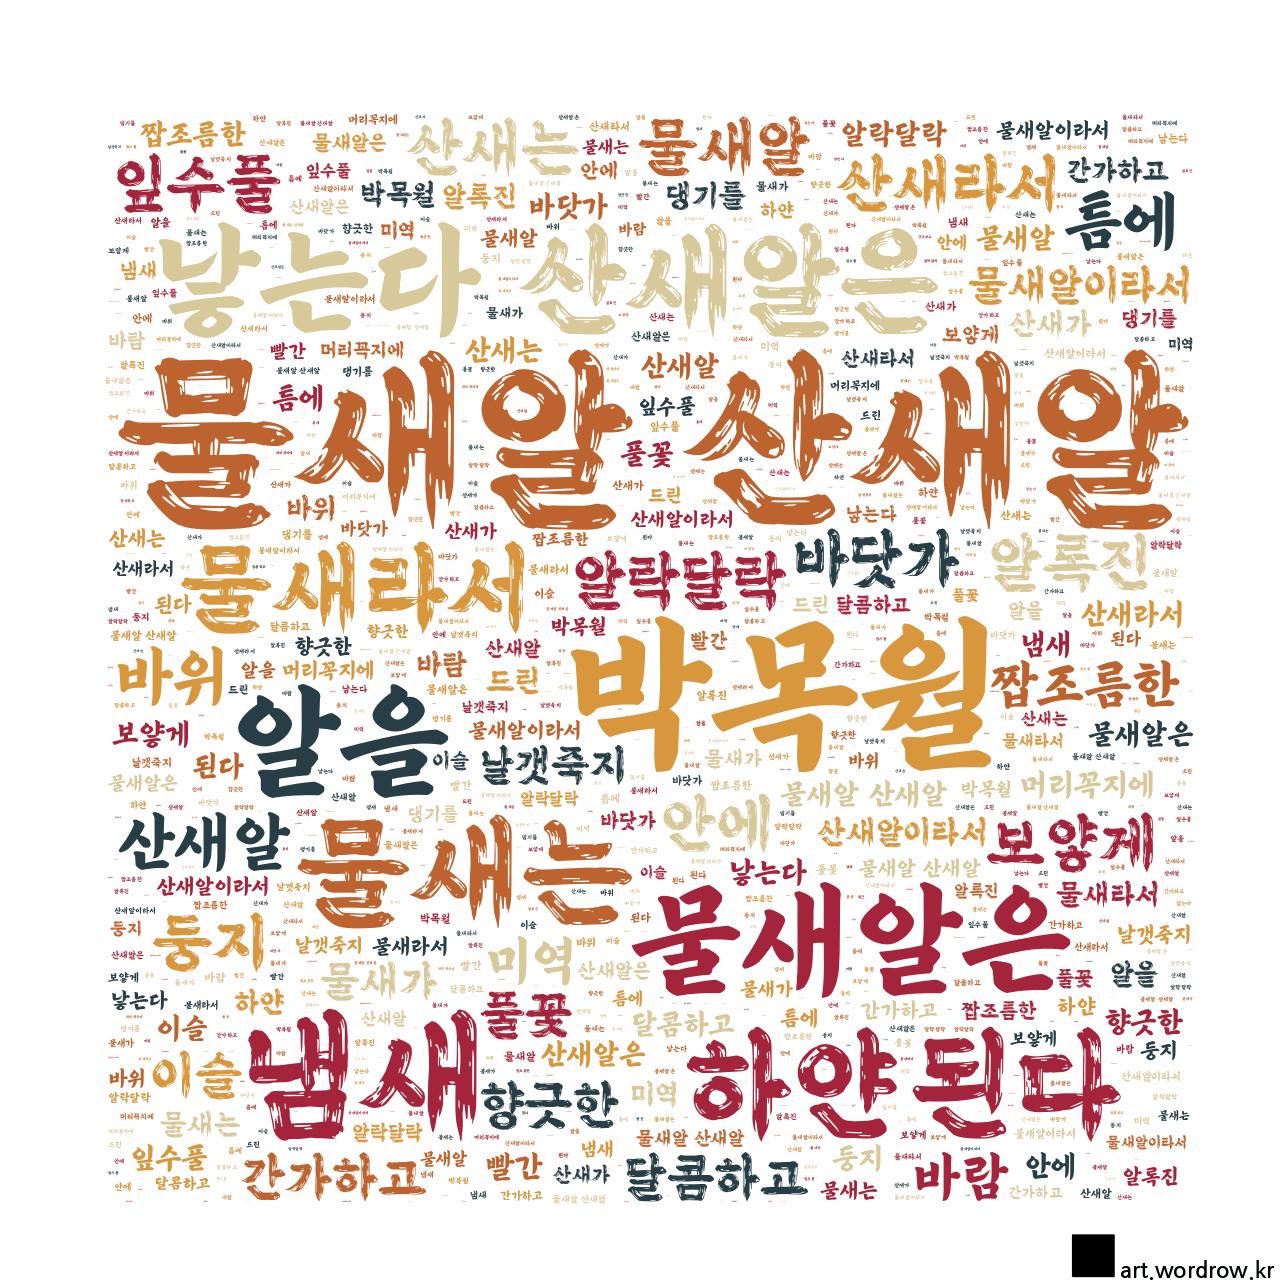 워드 클라우드: 물새알 산새알 [박목월]-35